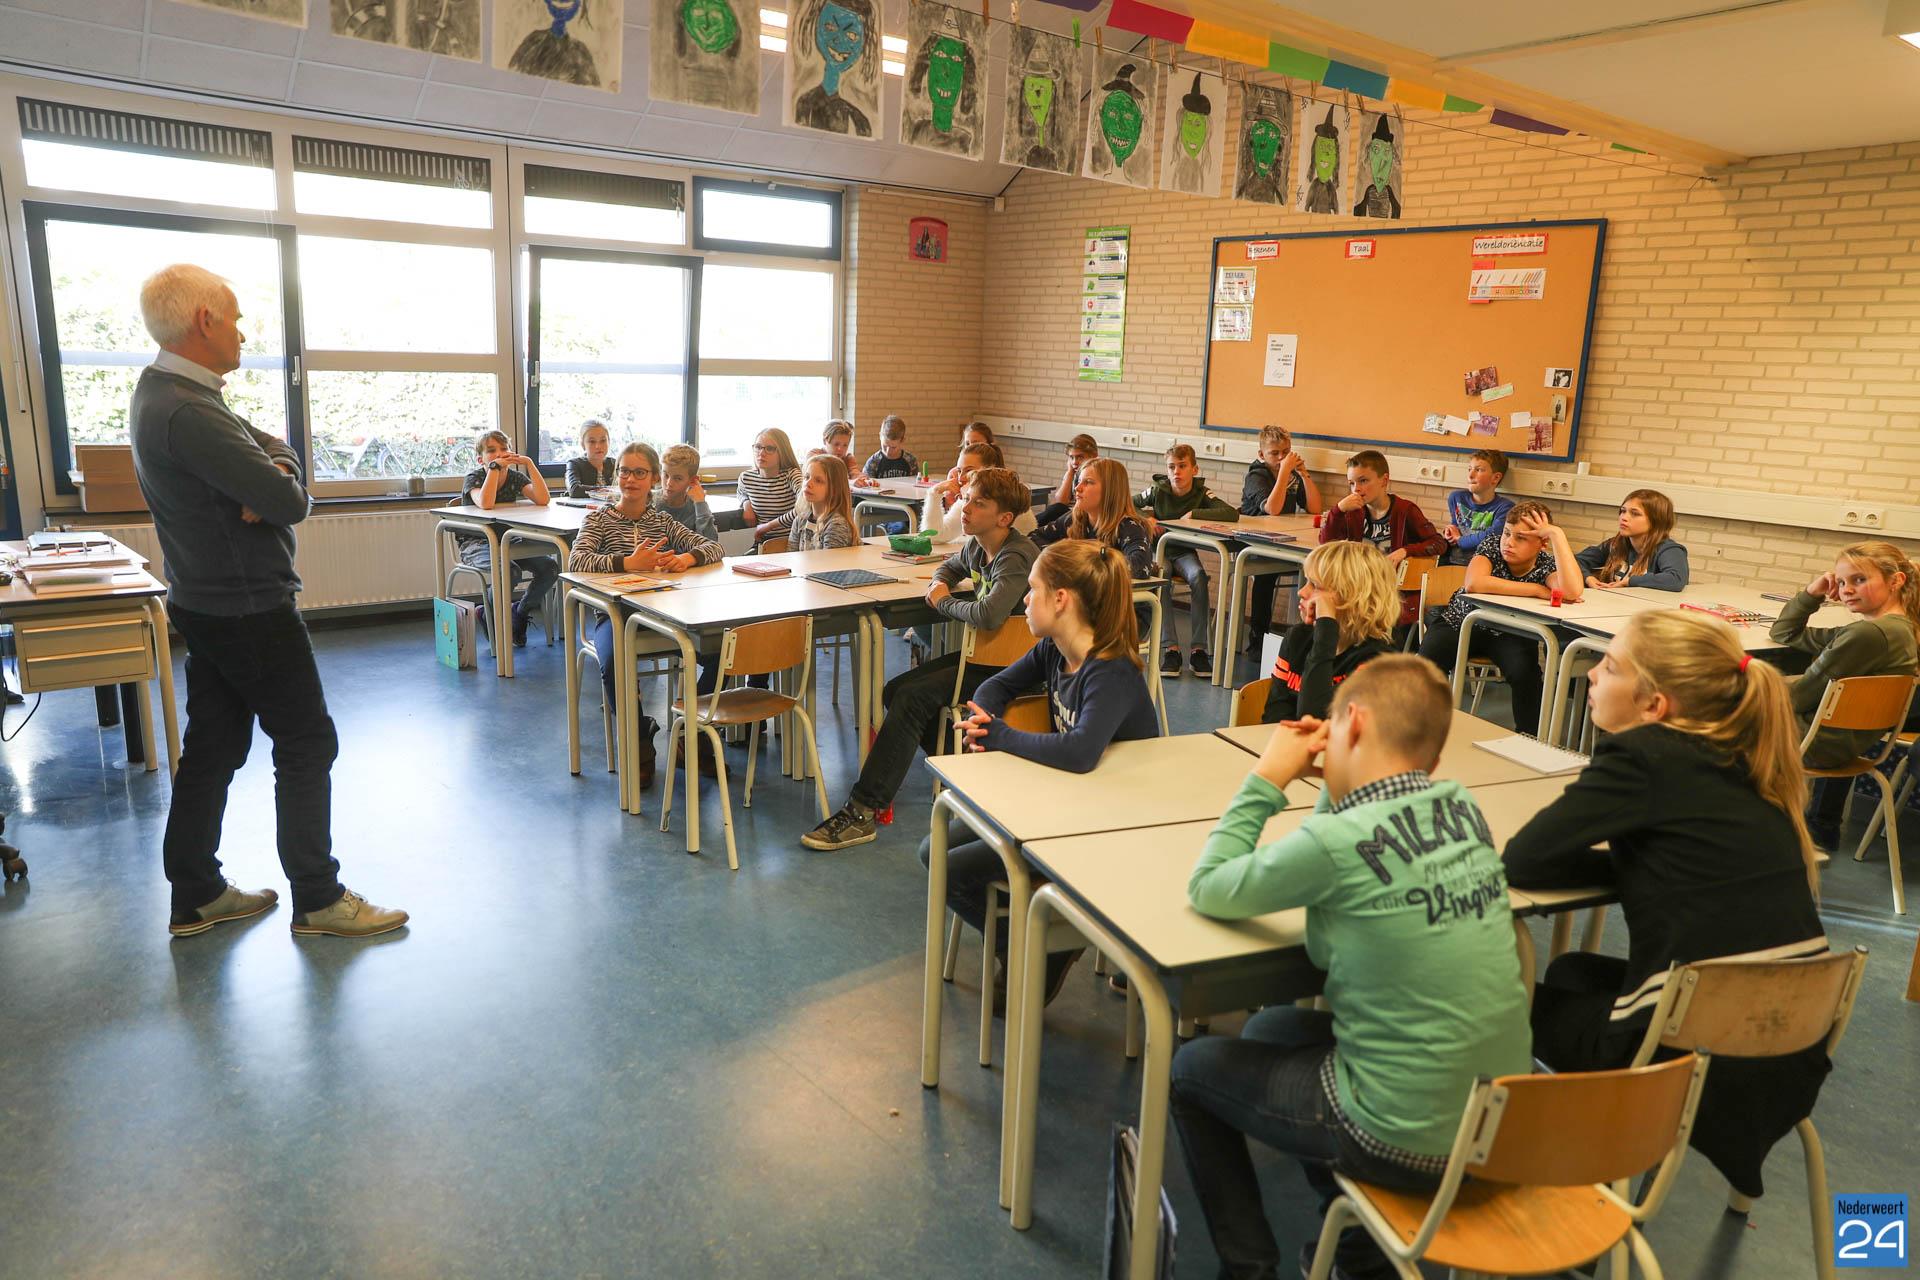 Wethouder Geraats geeft gastles over 'Respect' - Nederweert24